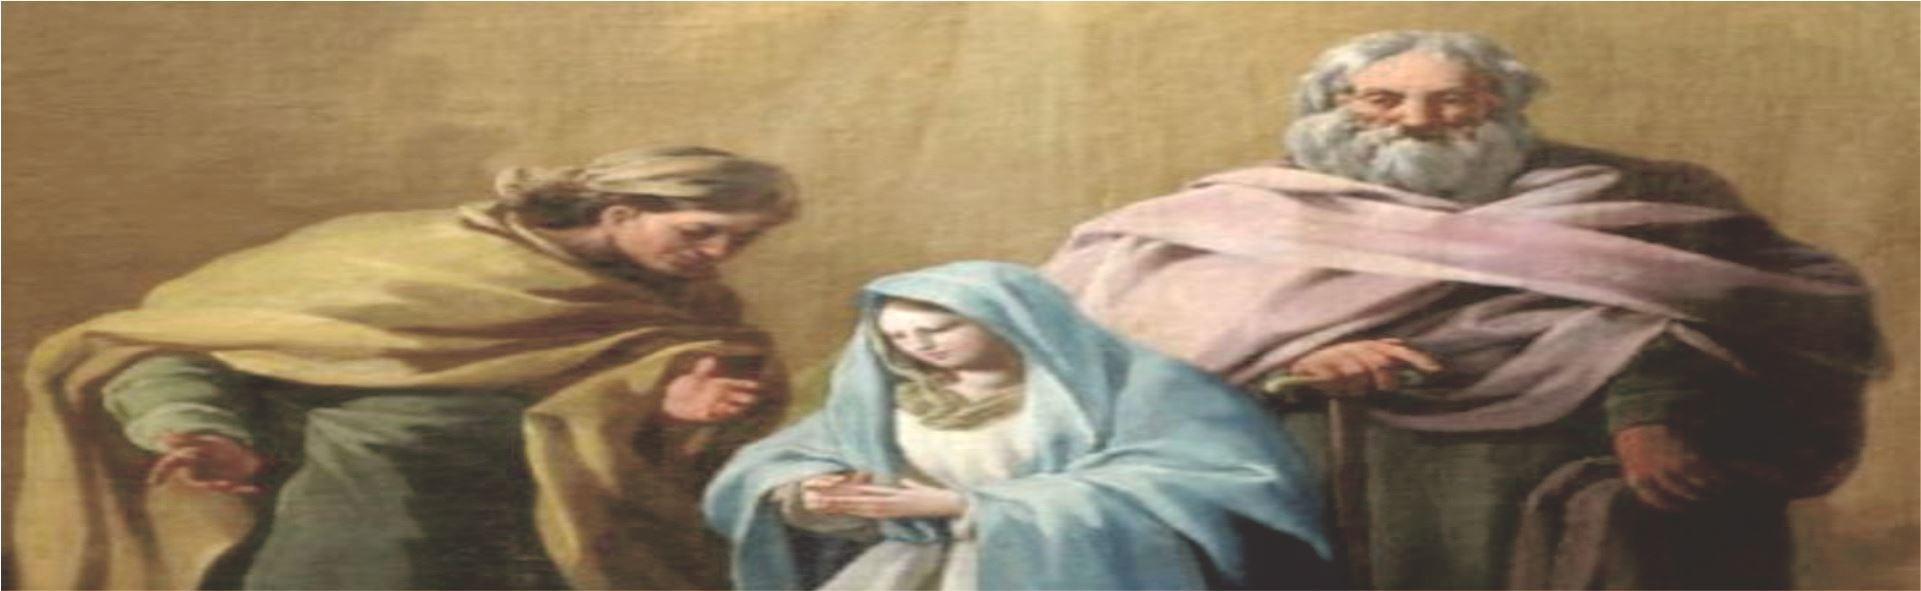 Preghiera a San Gioacchino - Santuario Sant'Anna - Caserta